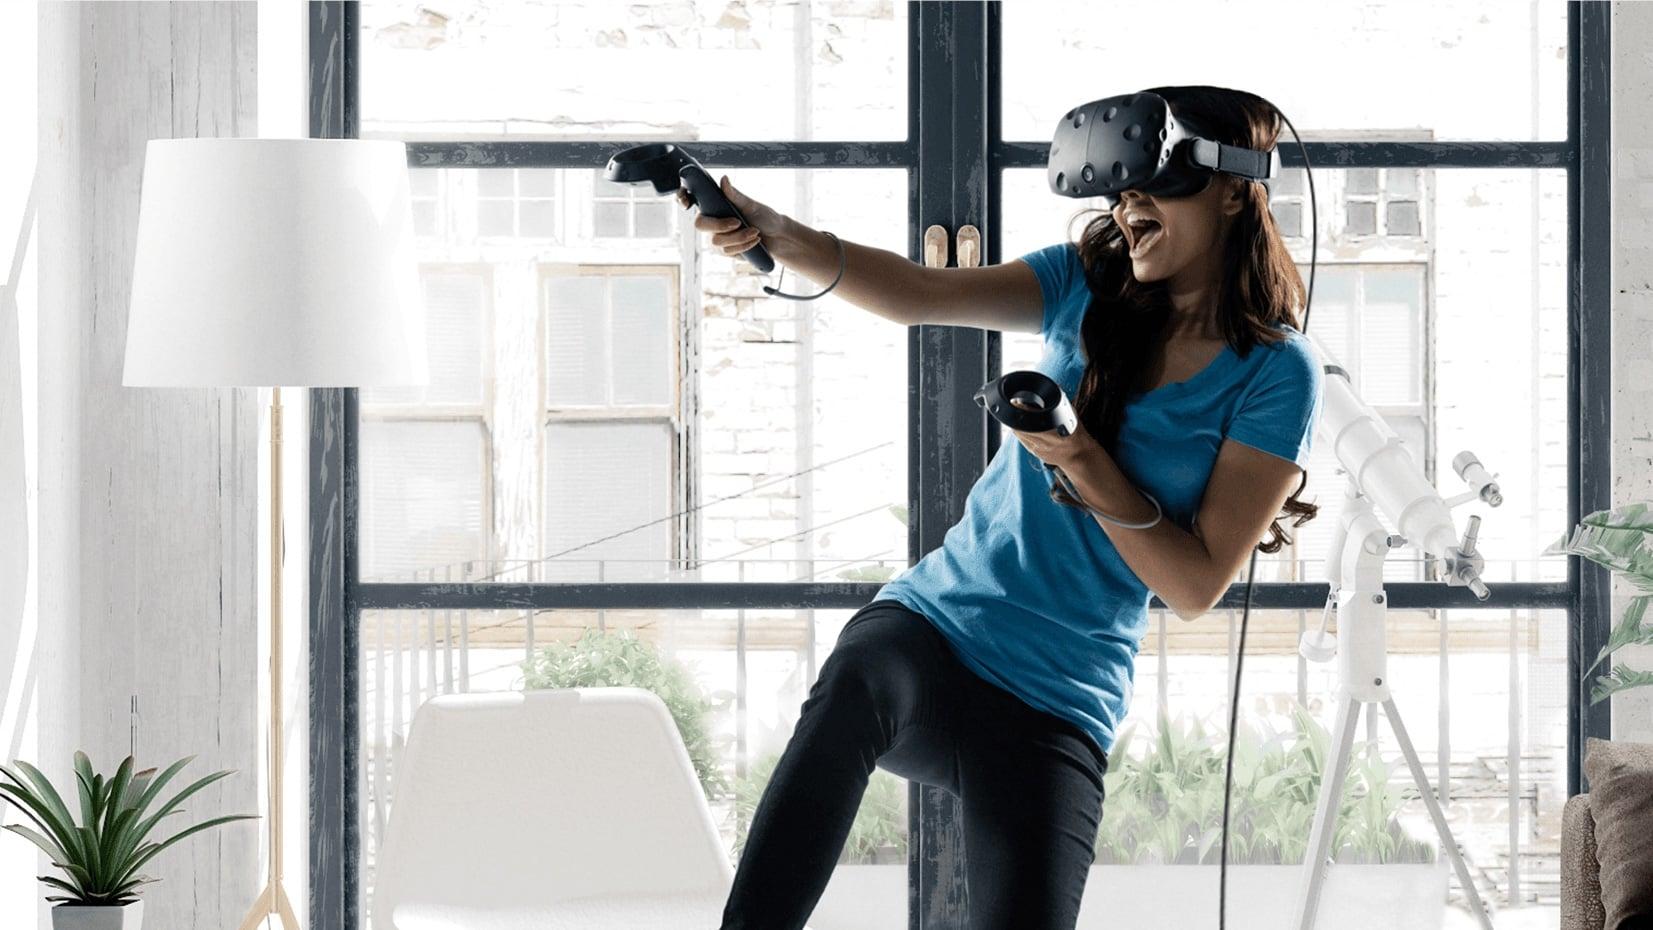 HTC być może pozbędzie się działu, zajmującego się wirtualną rzeczywistością 27